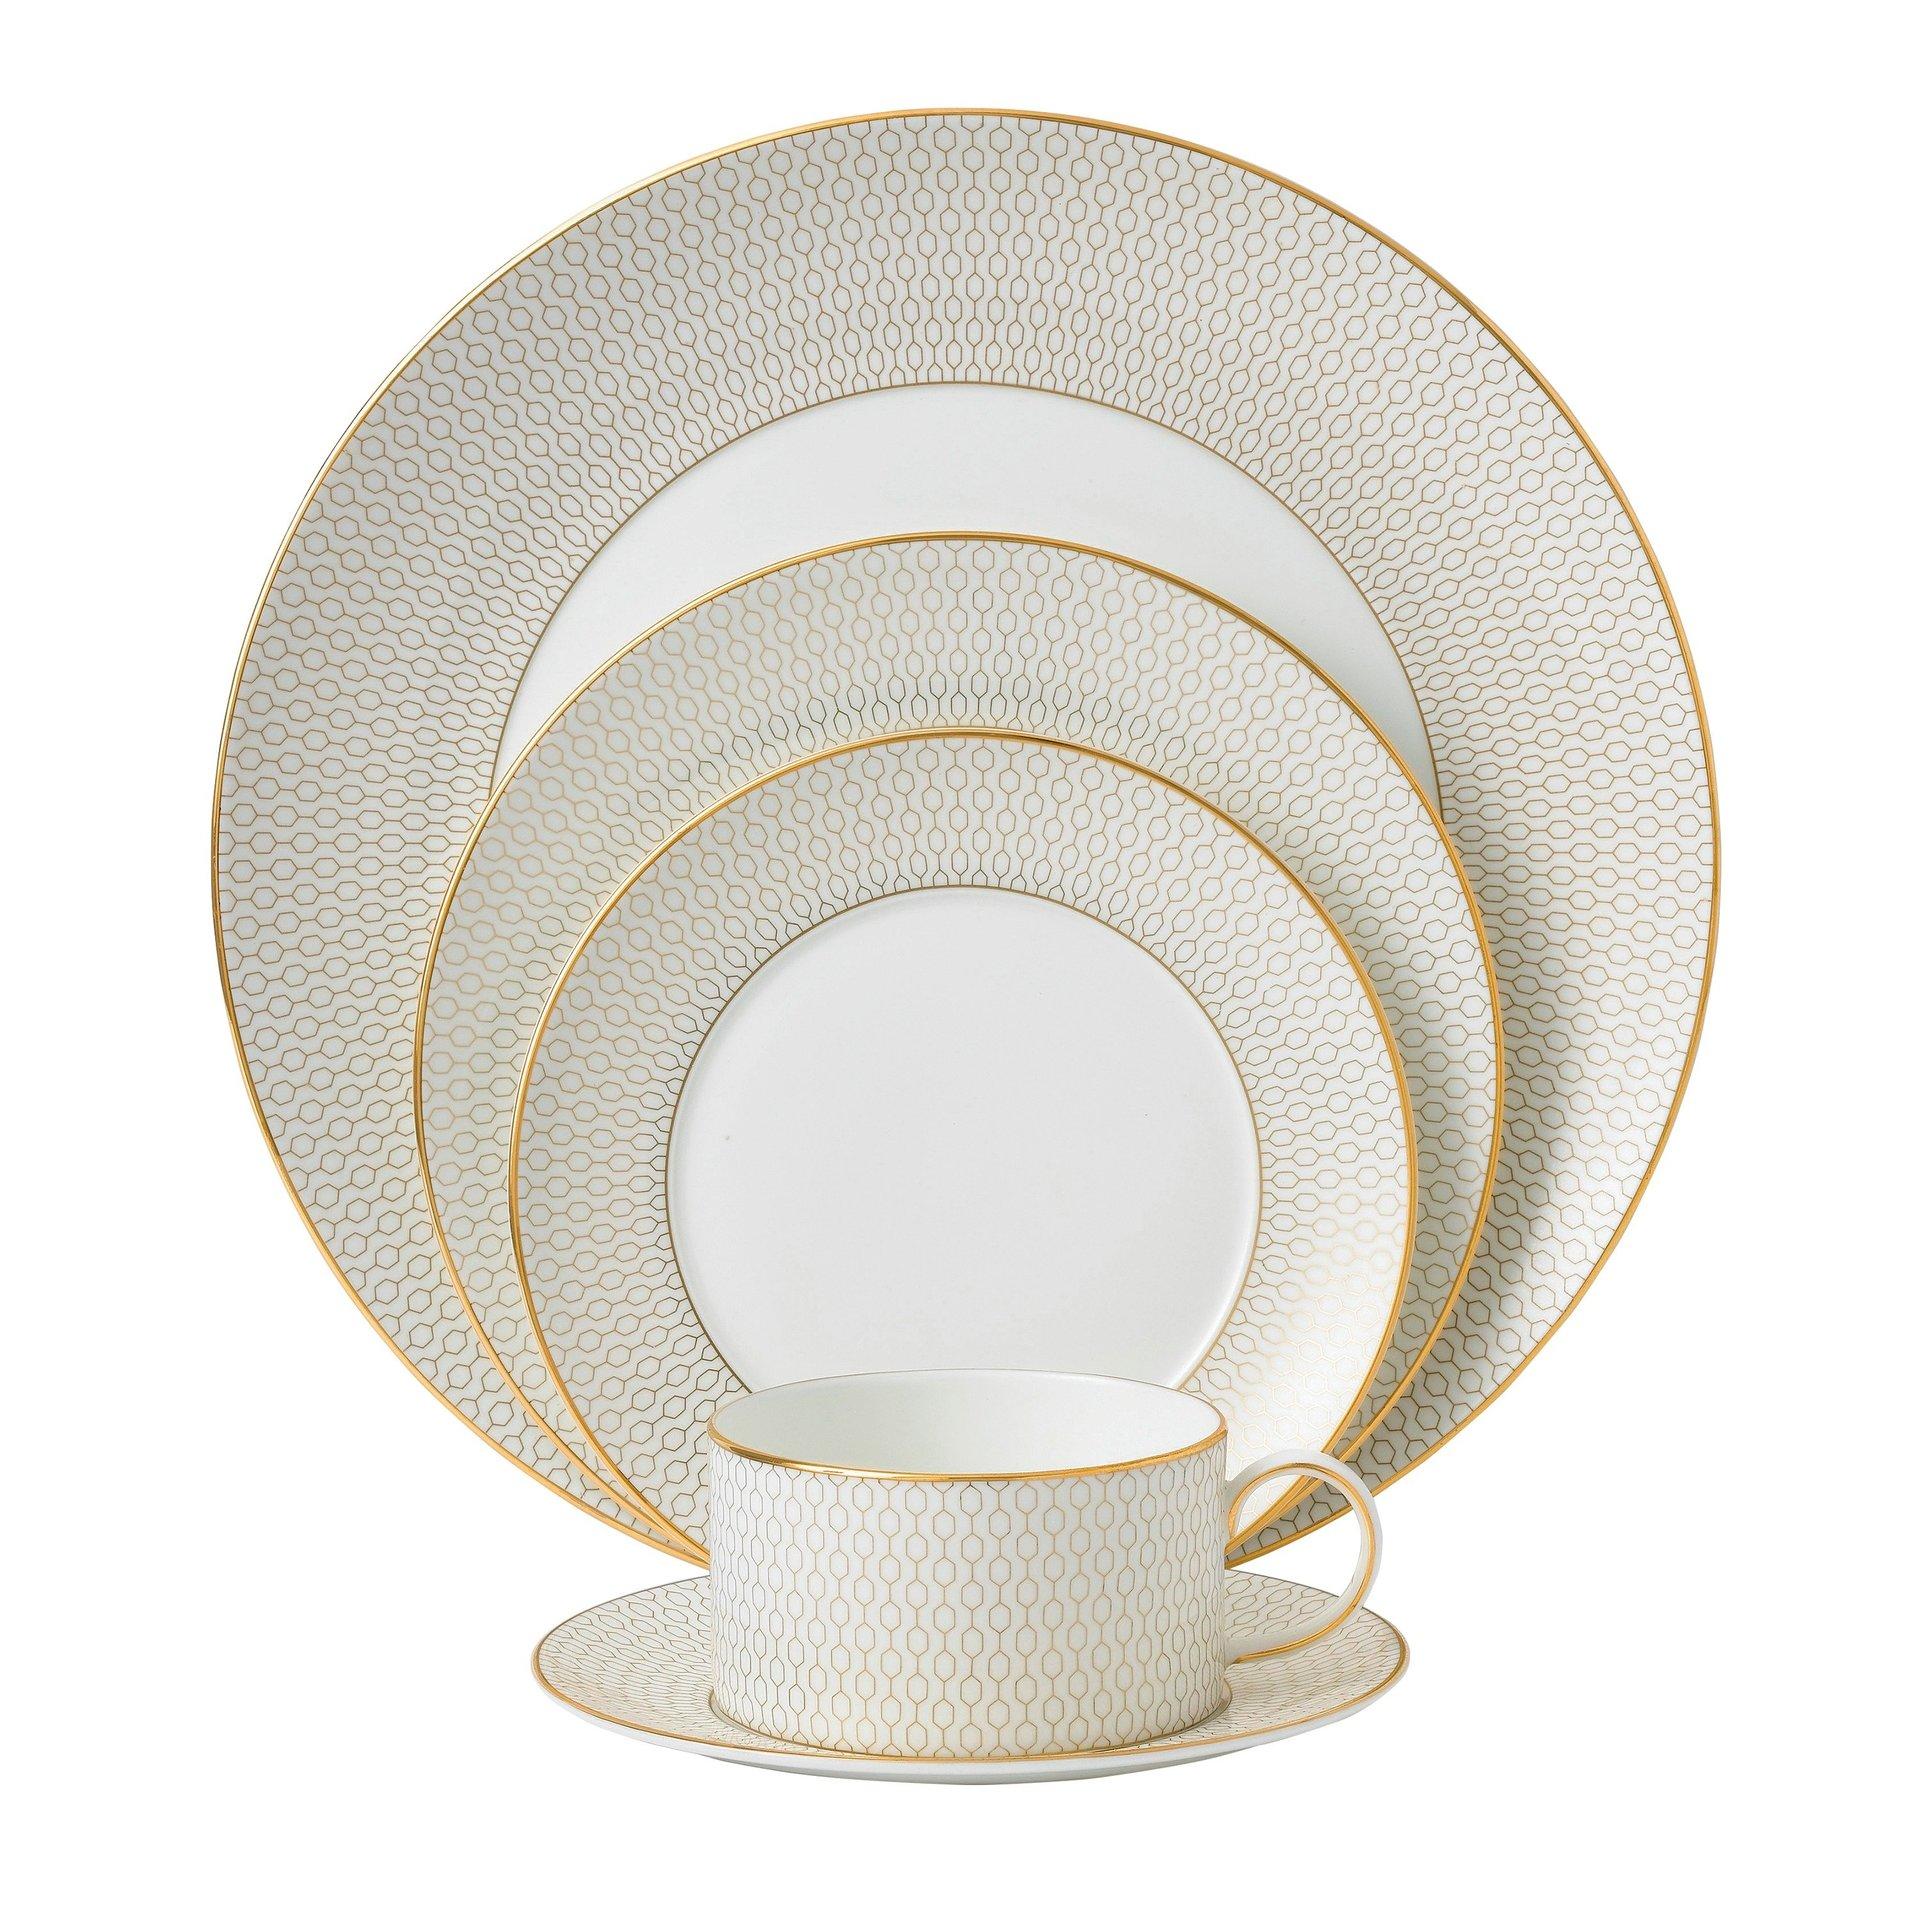 Wedgwood Tableware Arris